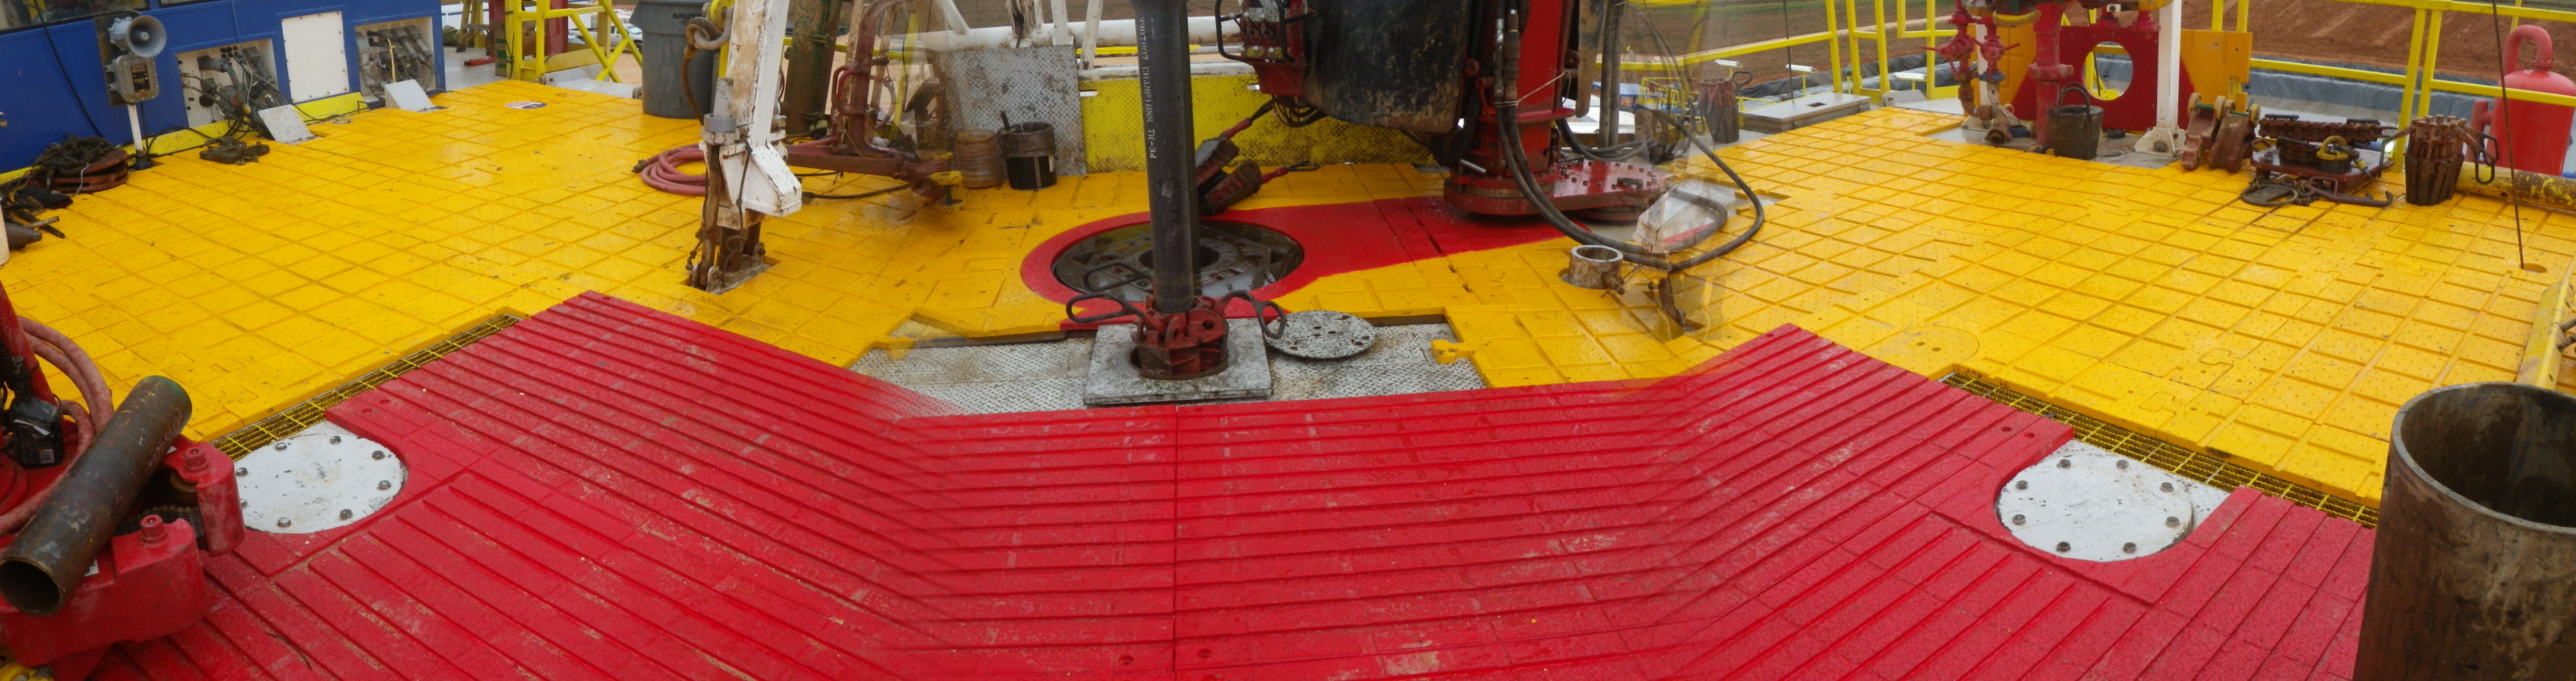 Land Based Drilling